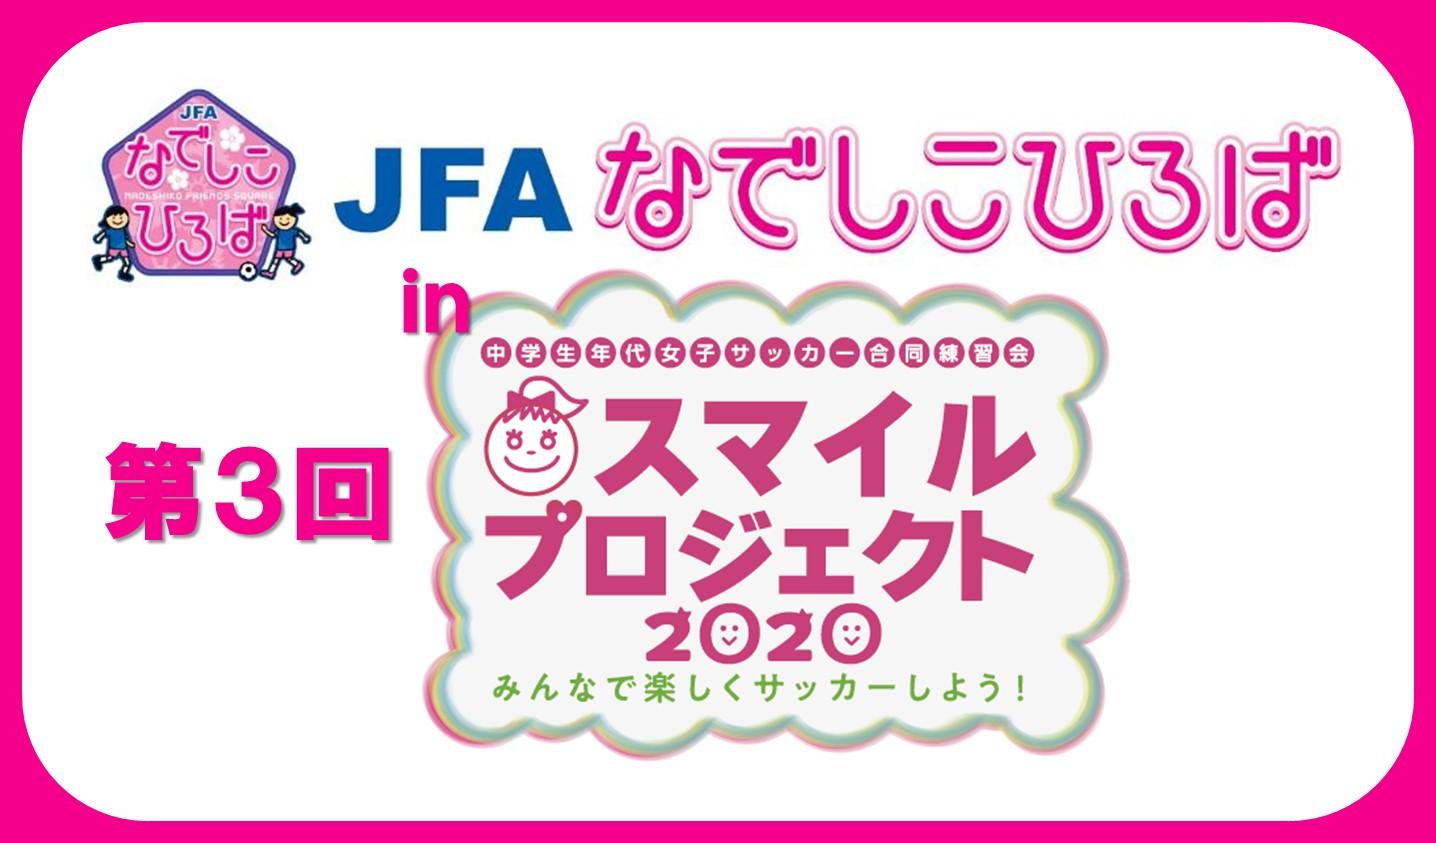 【8/22参加者募集】JFAなでしこひろば in 第3回スマイルプロジェクト2020